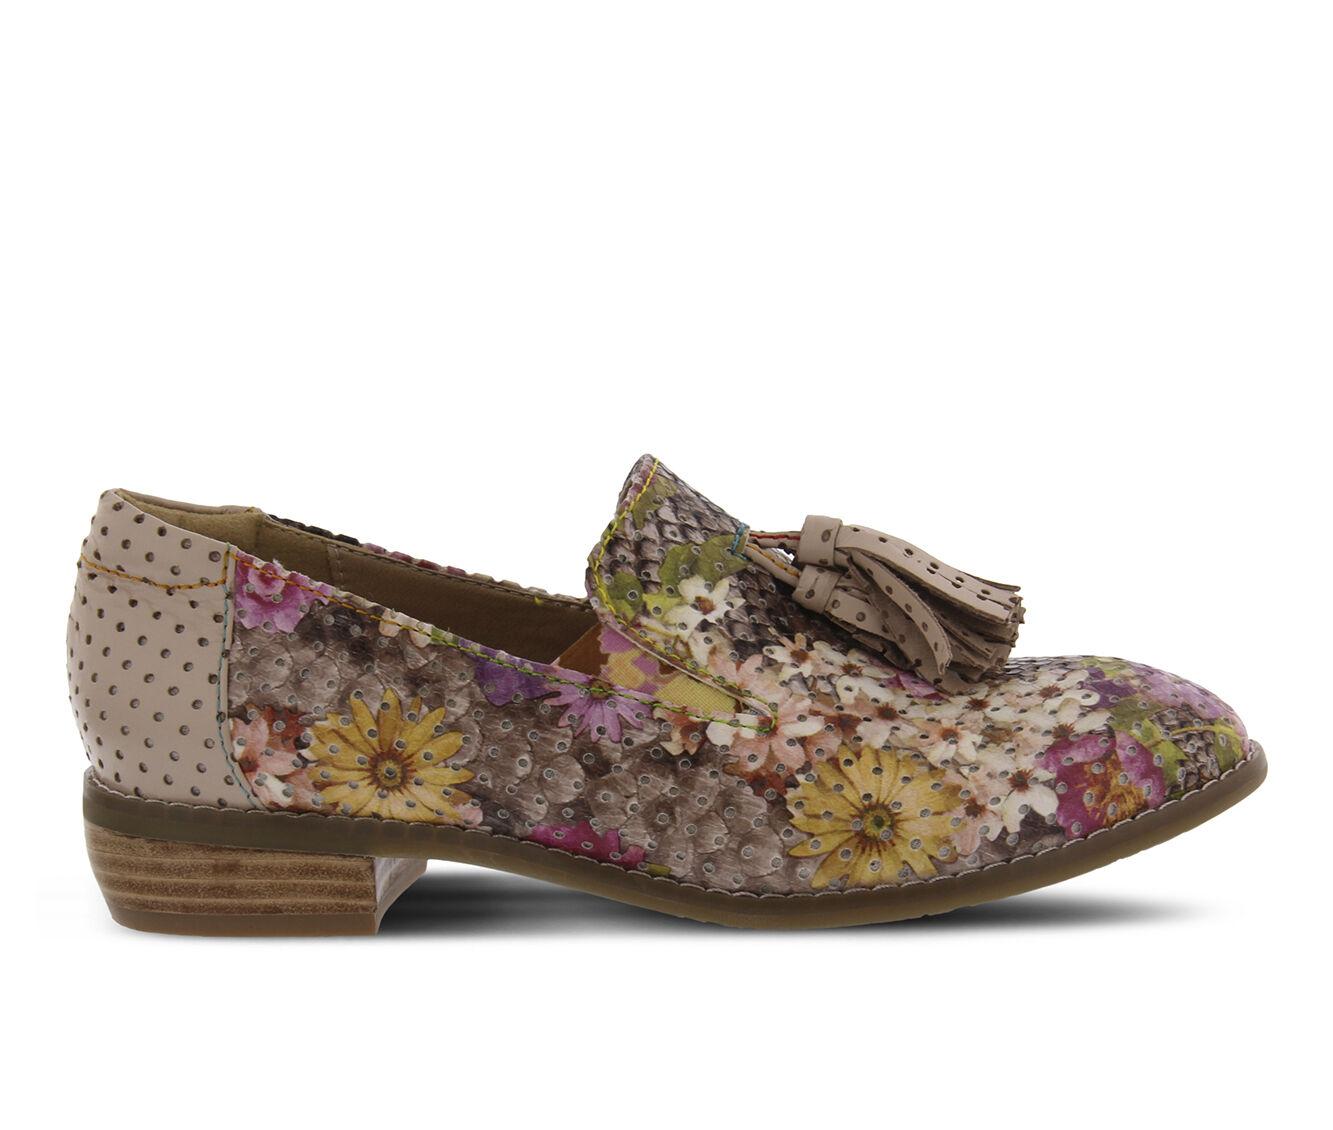 cheap sale Women's L'ARTISTE Klasik-Flower Shoes Taupe Multi